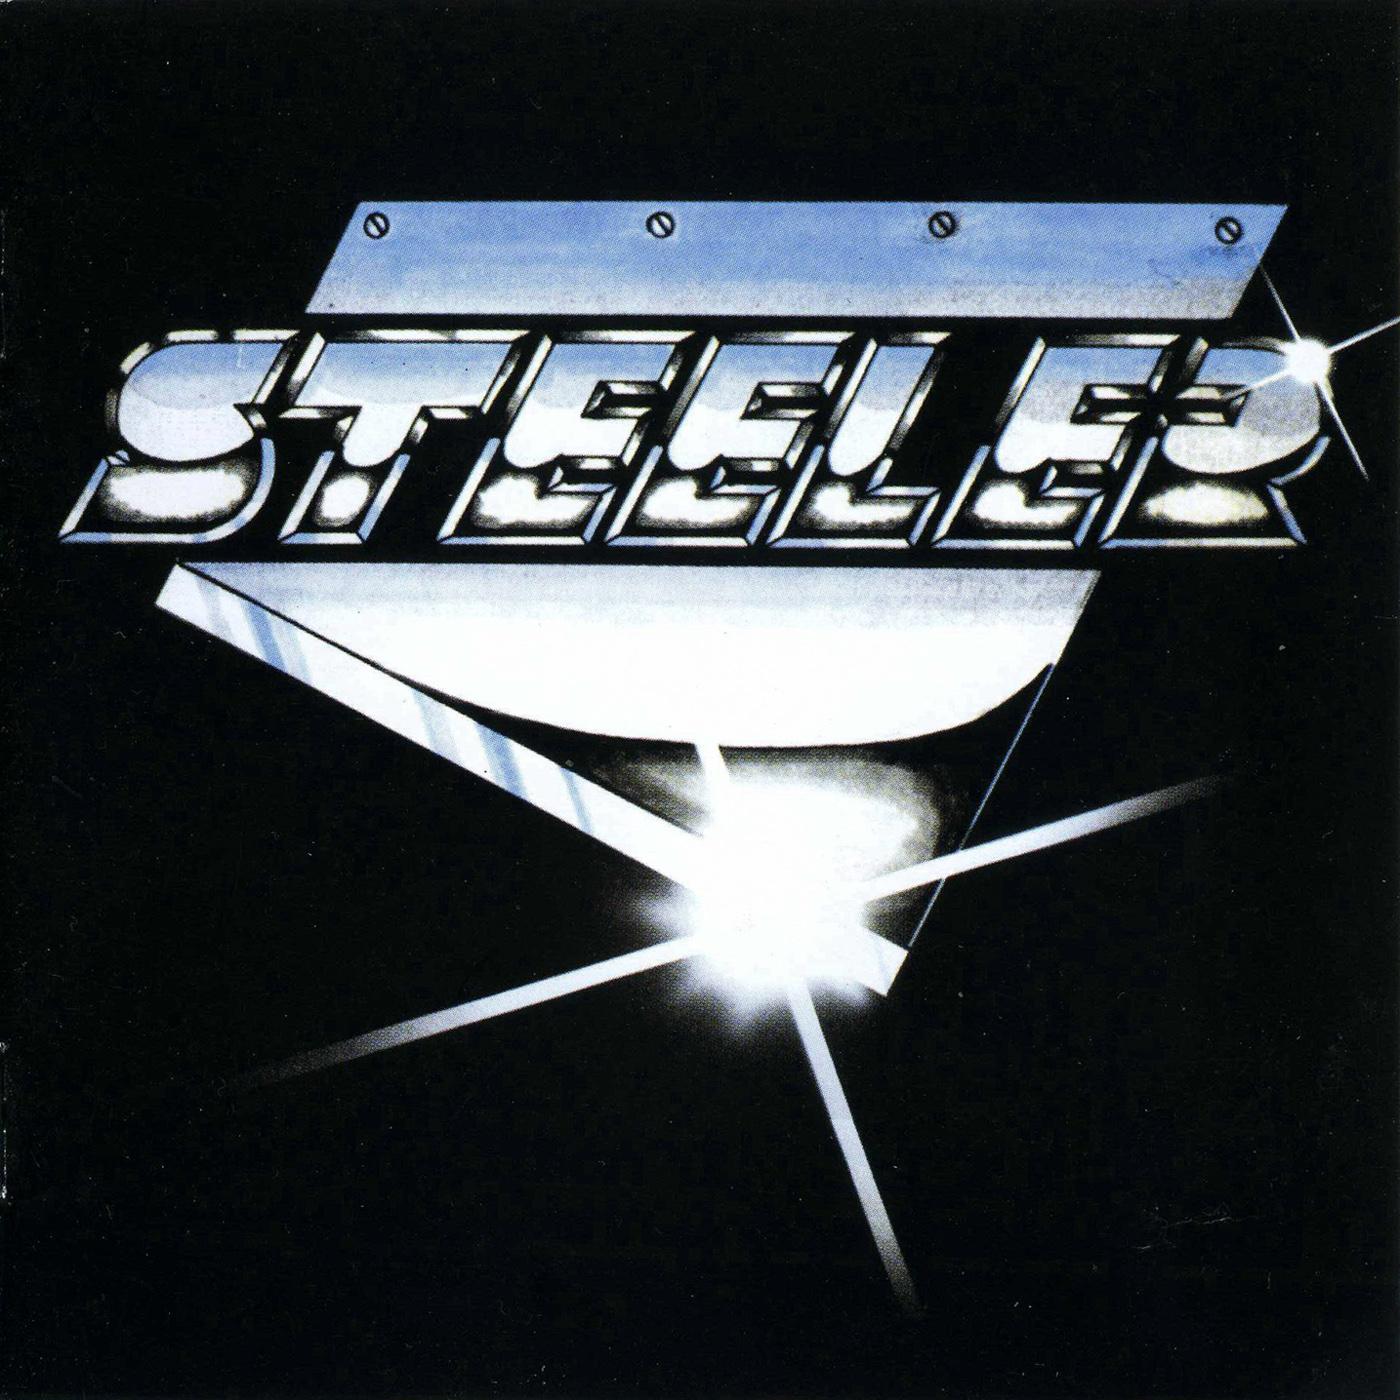 Steeler - Steeler